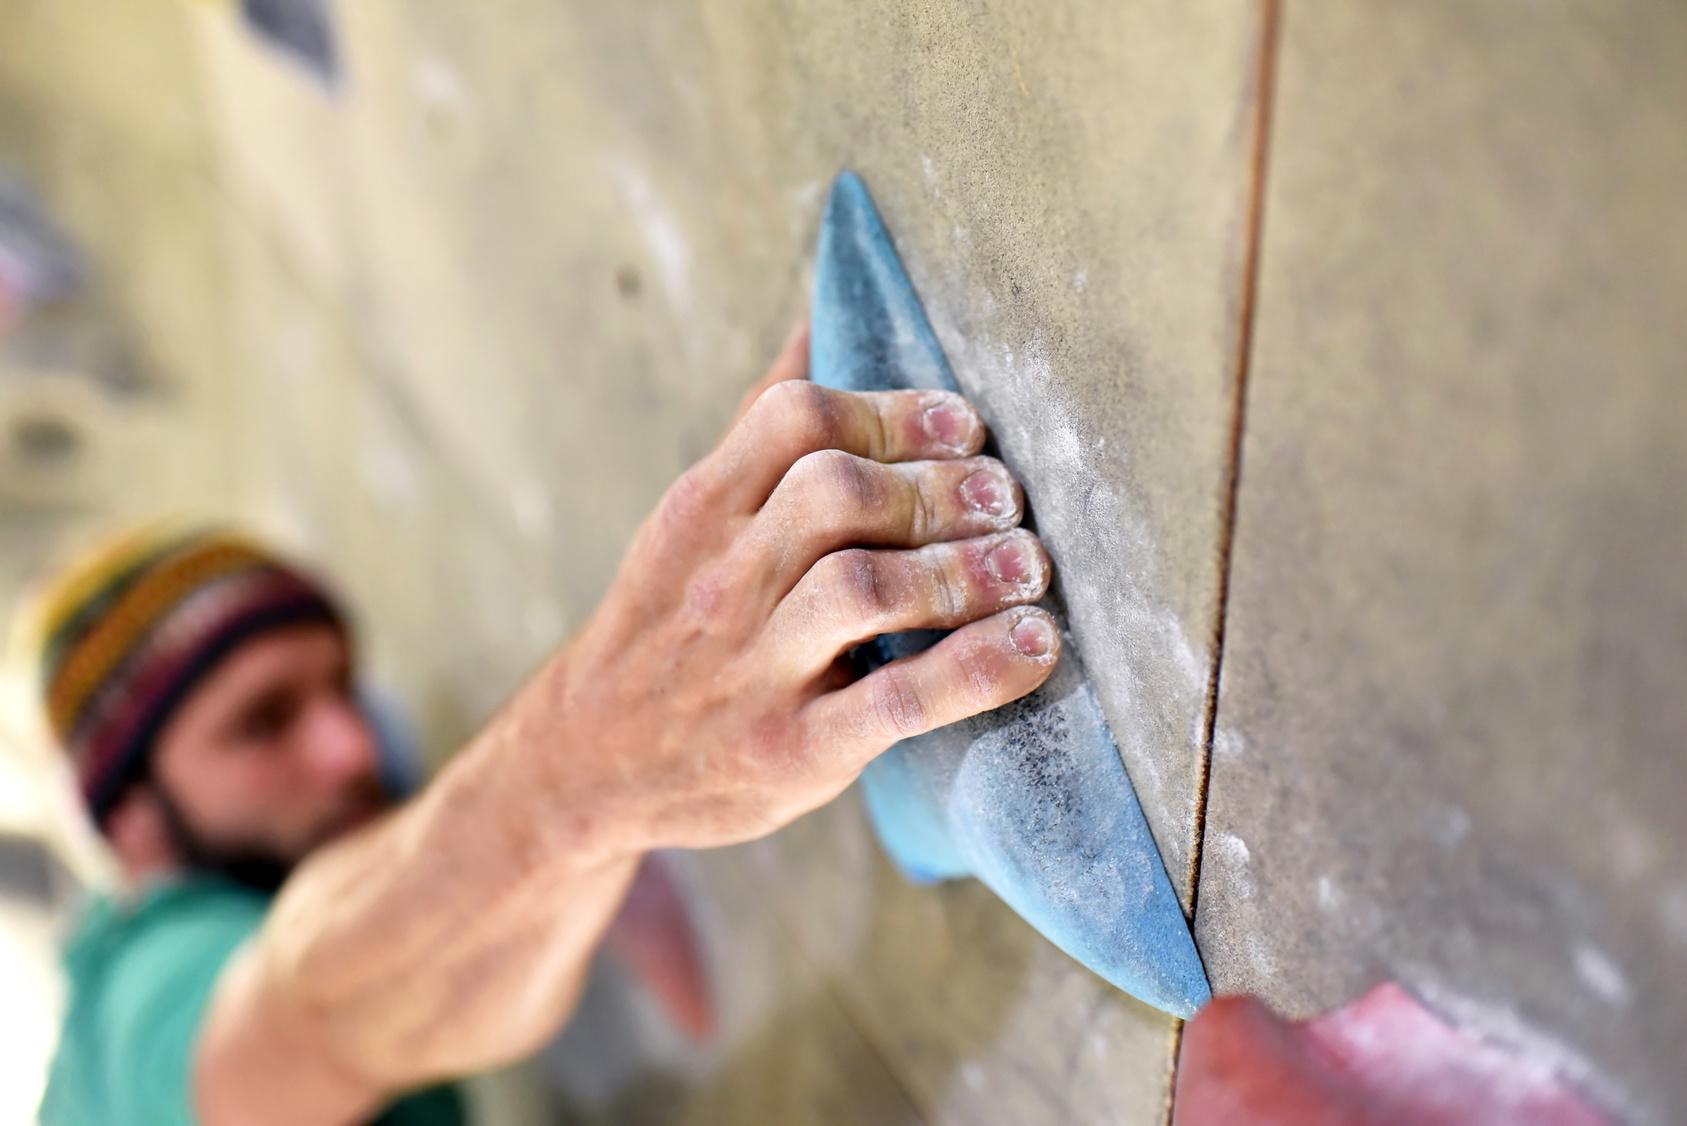 Hand haellt sich an Griff fest, Kletterer in Halle